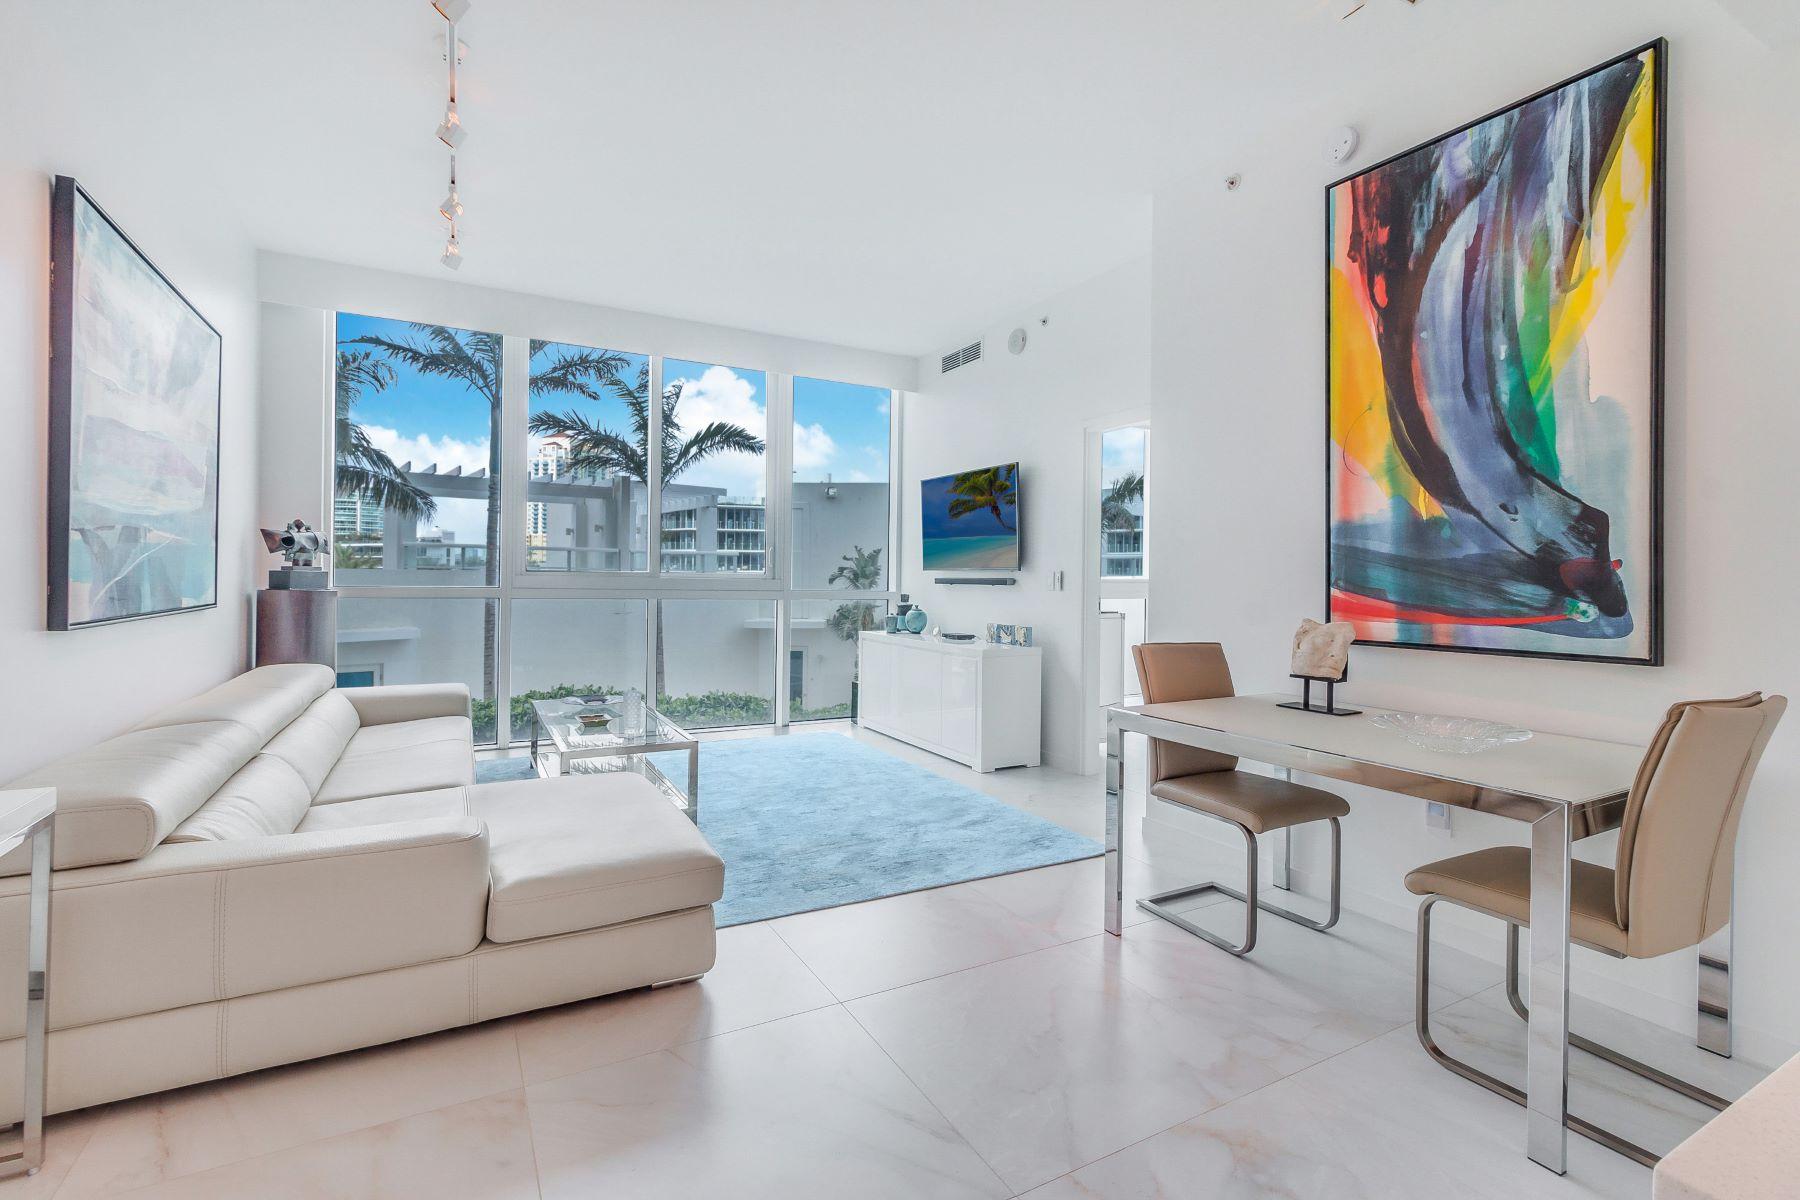 共管物業 為 出售 在 50 S Pointe Dr 50 S Pointe Dr 612, Miami Beach, 佛羅里達州, 33139 美國